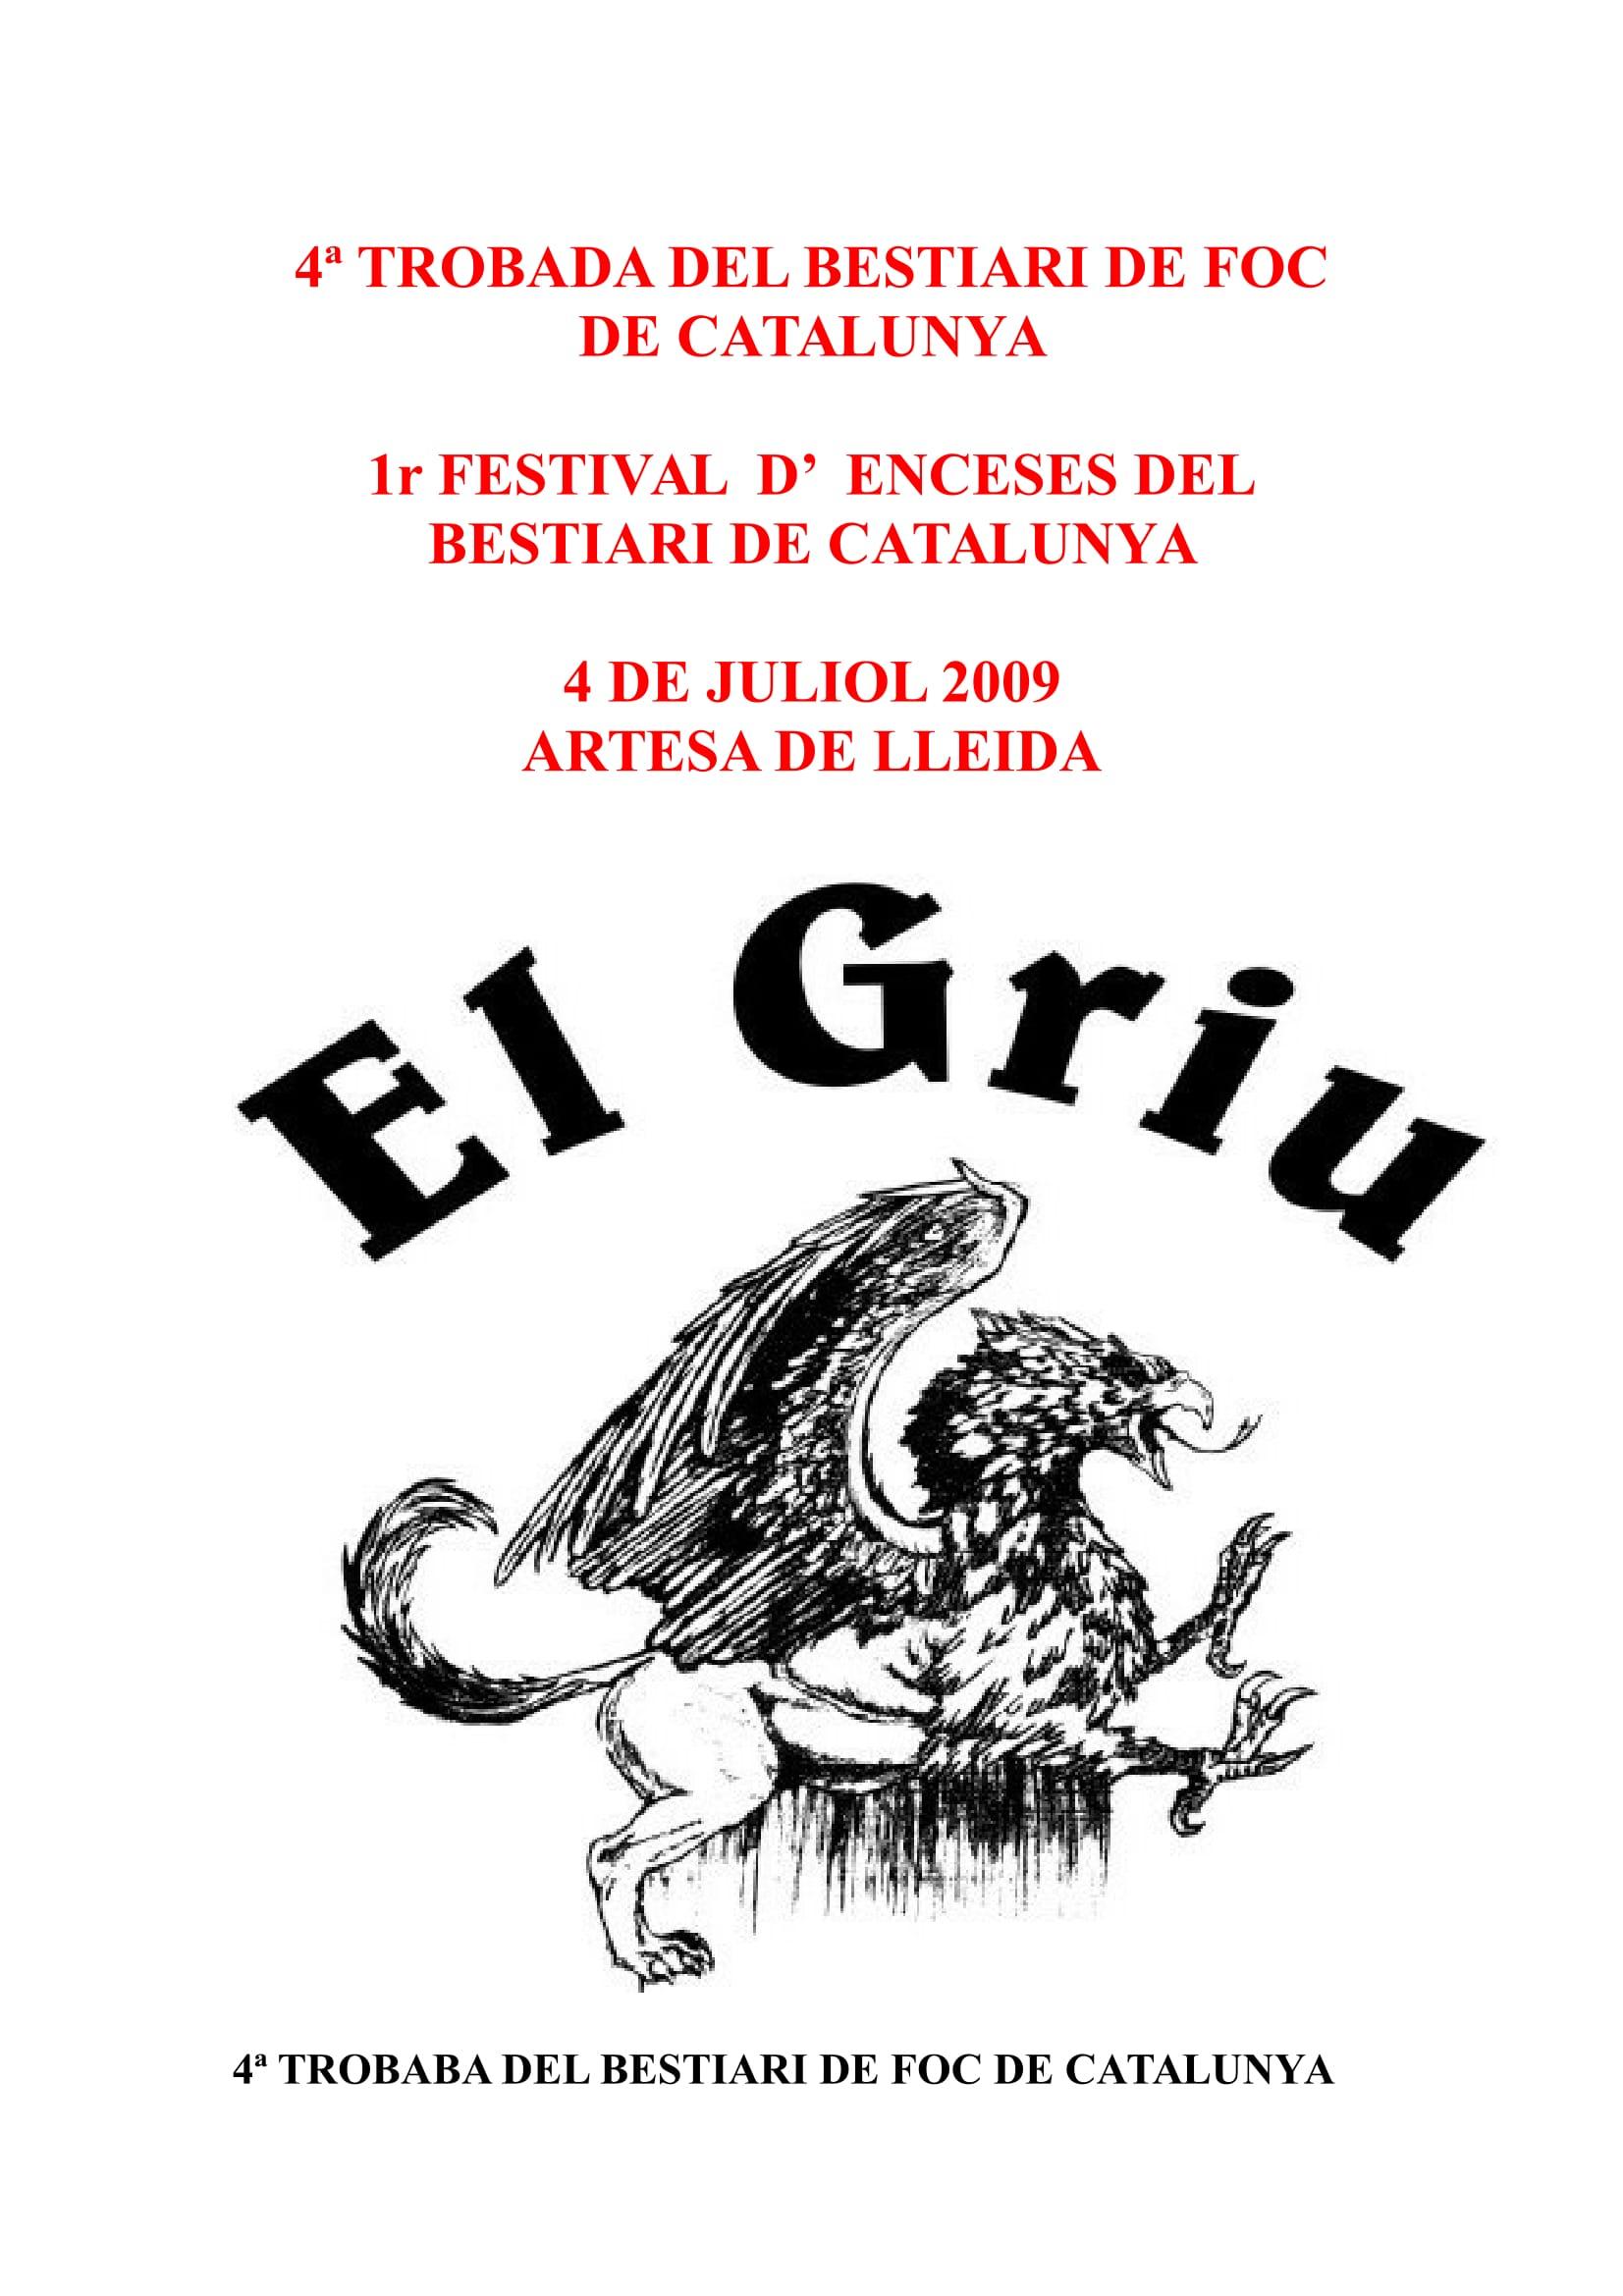 2009 CARTELL FESTIVAL enceses